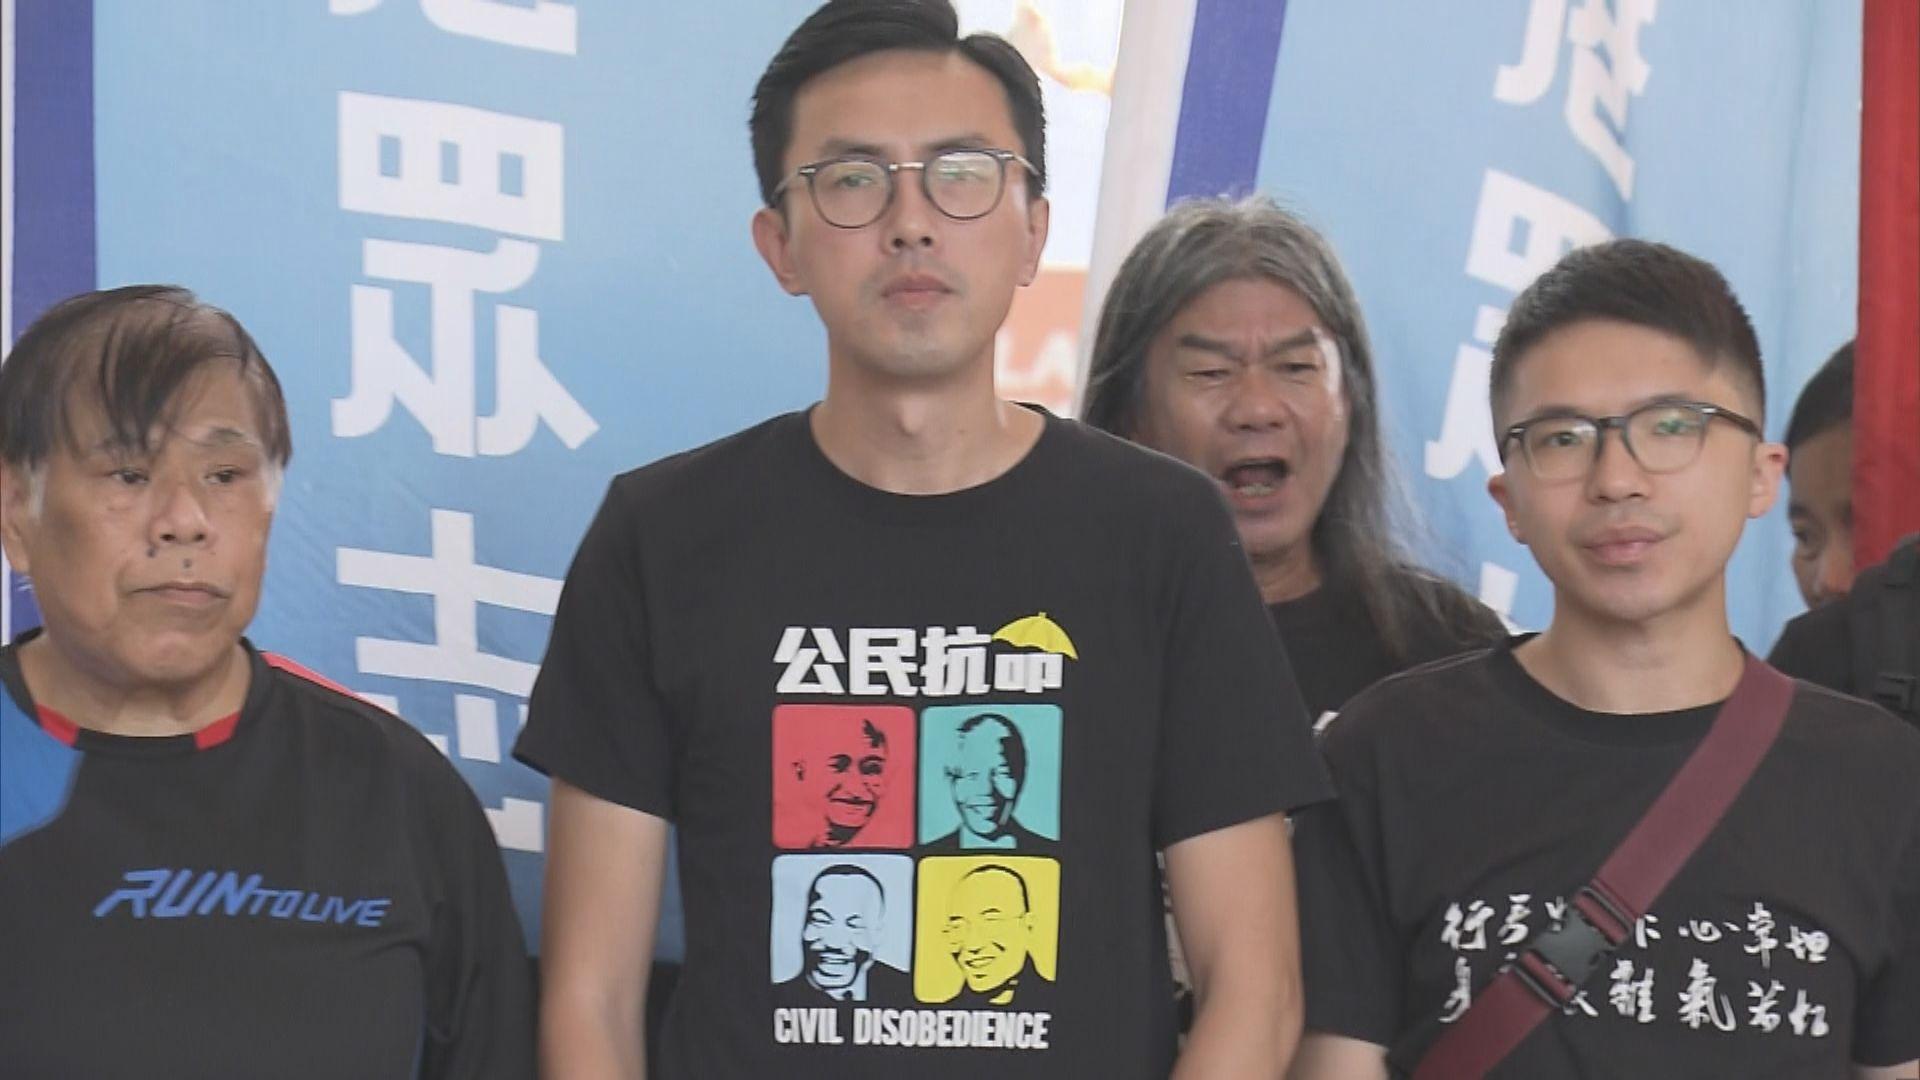 反釋法遊行 吳文遠林朗彥判緩刑將提上訴